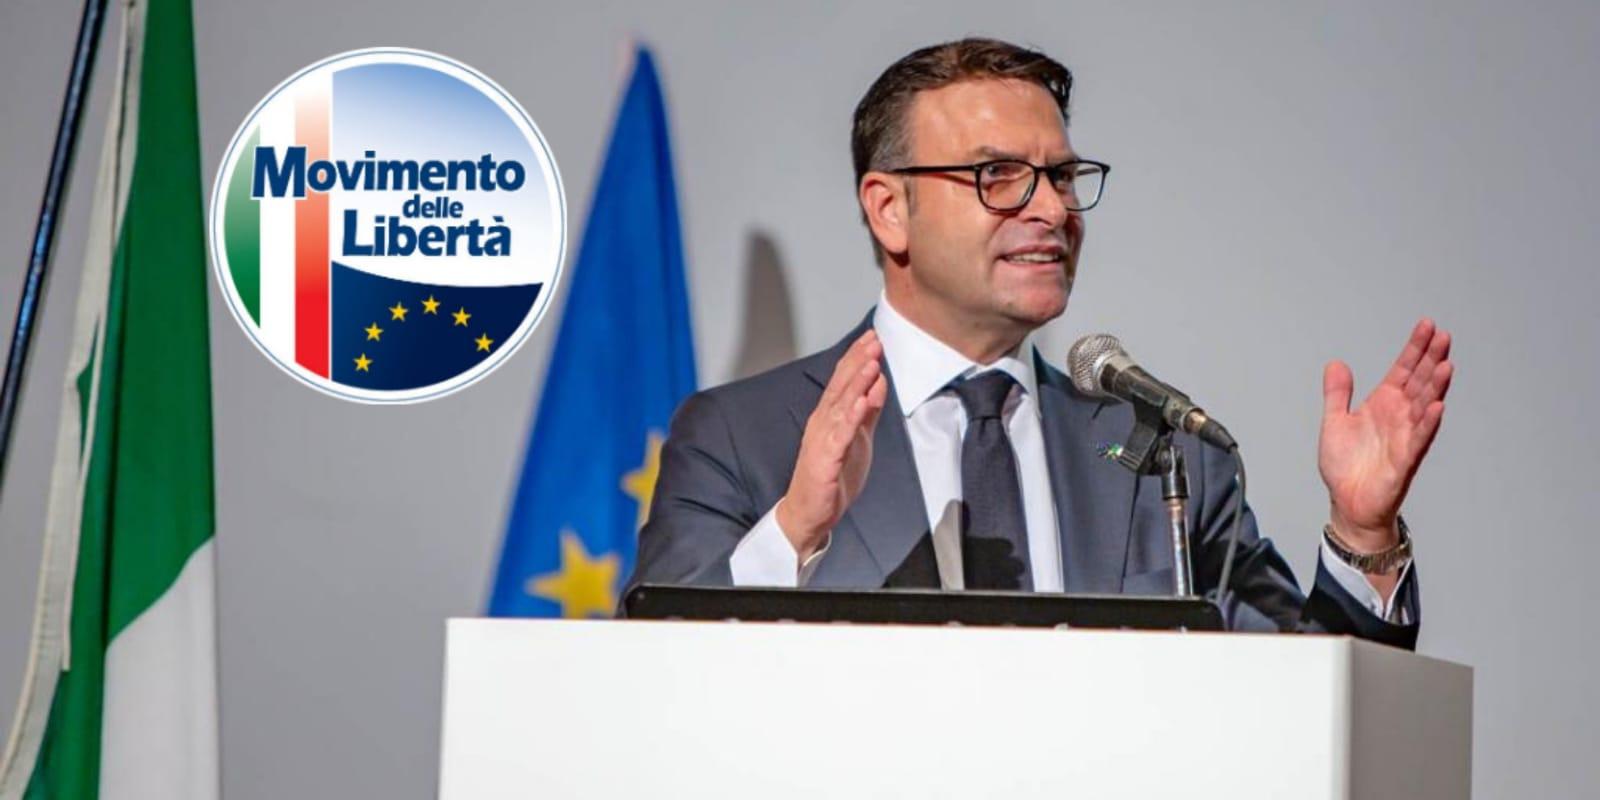 L'impegno di Romagnoli e Patamia (MdL) per i connazionali in Europa